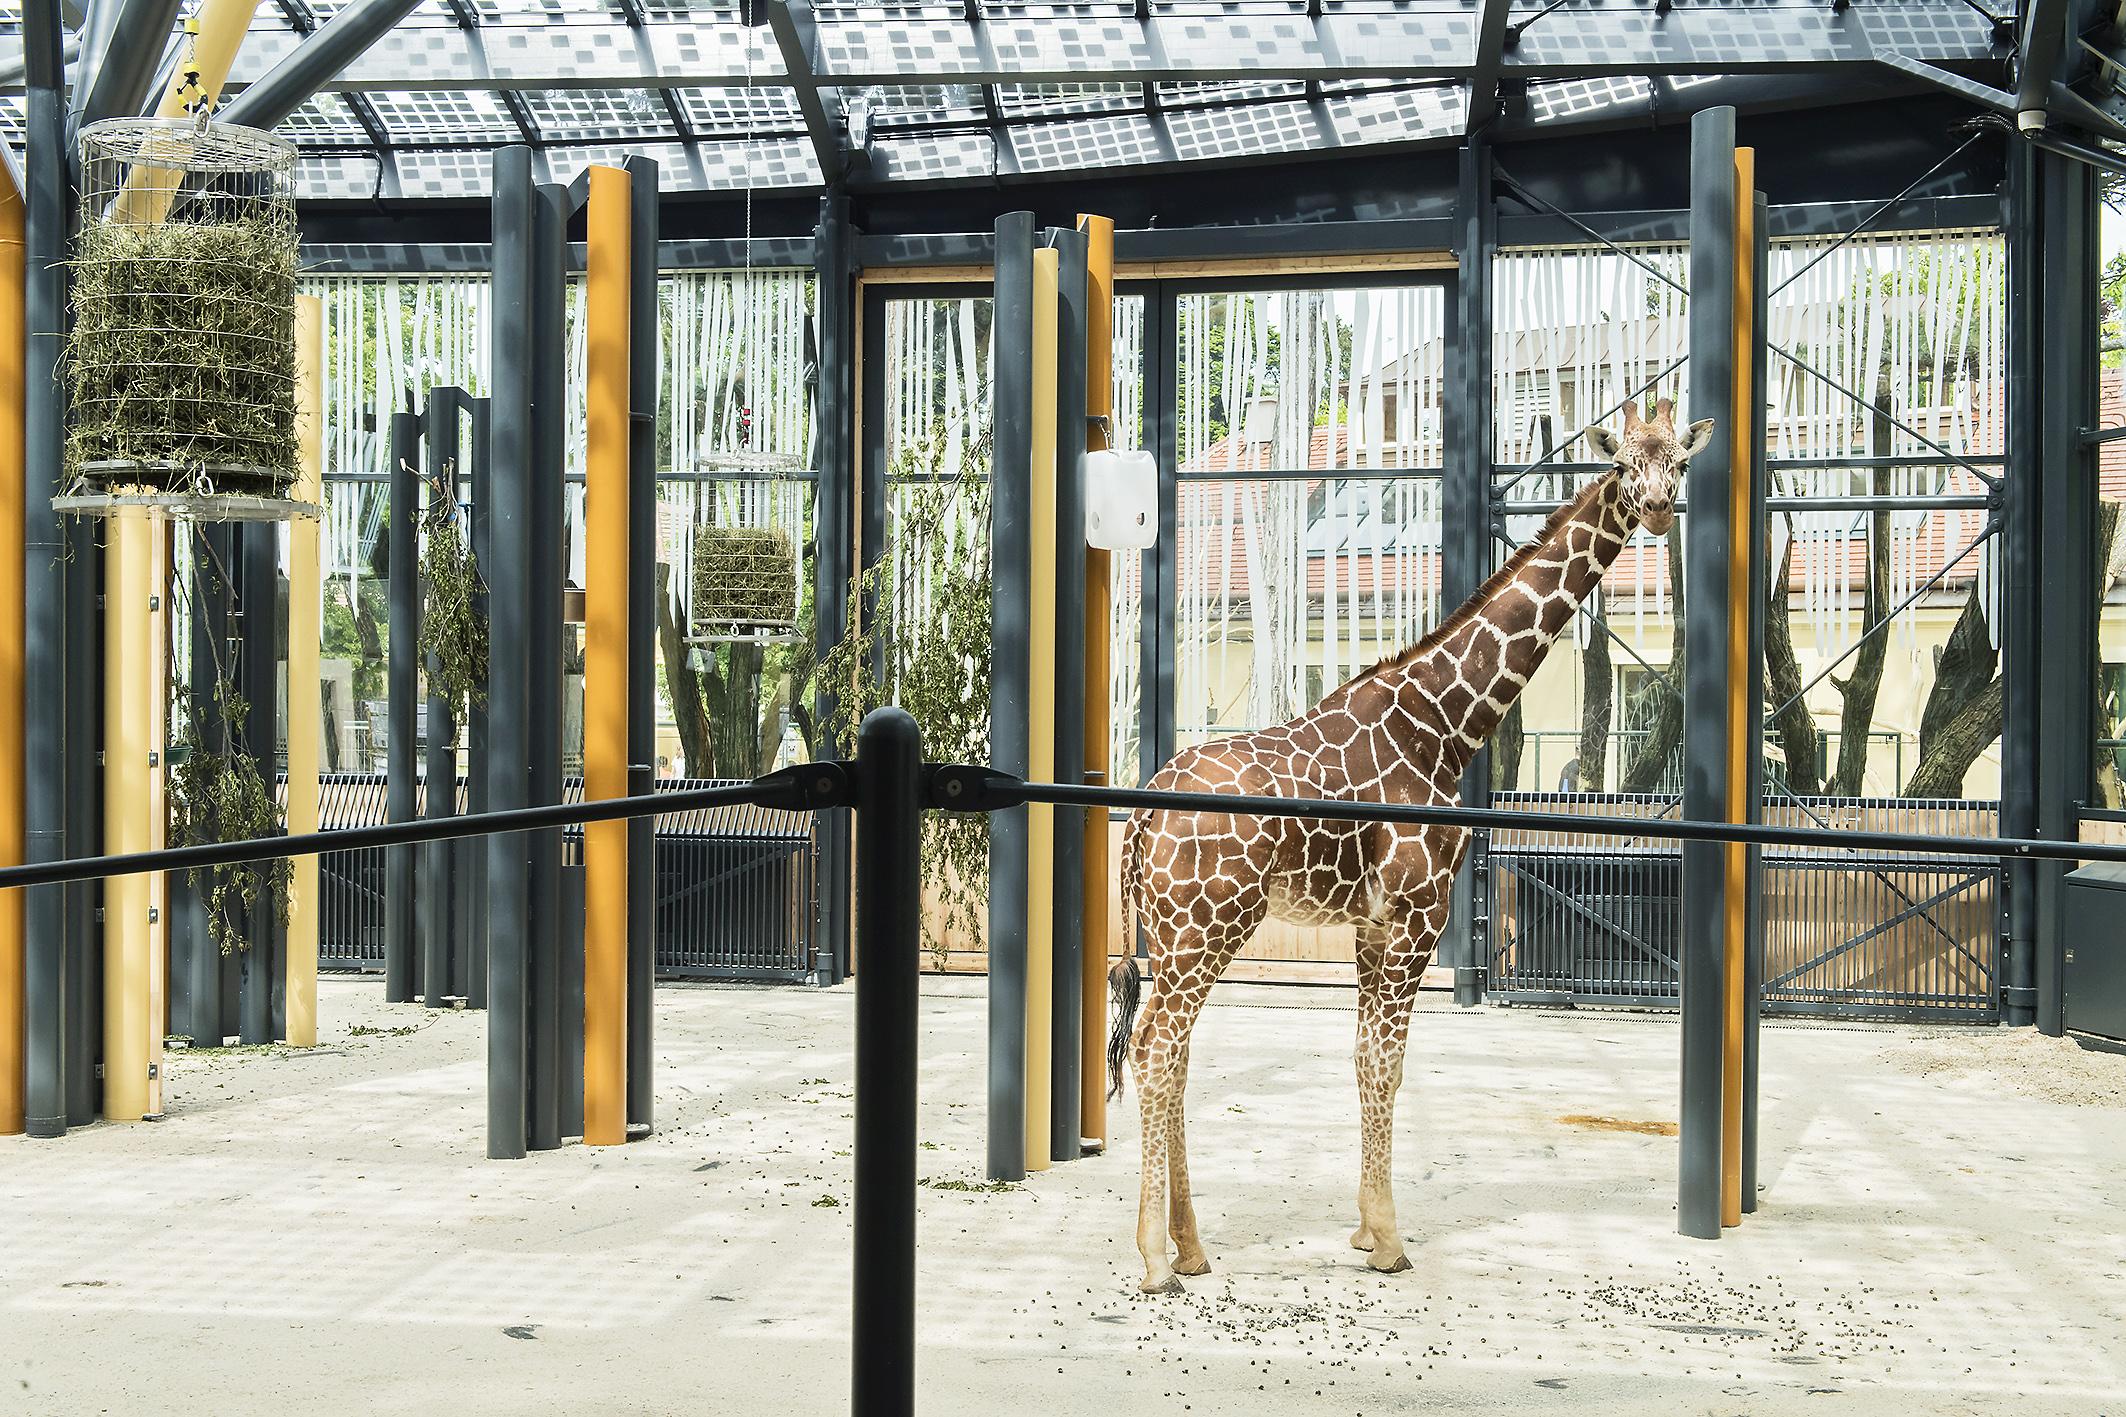 Wenn es um die ansprechende Integration von Solaranlagen in das Gesamtbild des Tiergartens geht, dann könnten wir die Giraffen in Schönbrunn nach ihrer Meinung befragen. © Daniel Zupanc